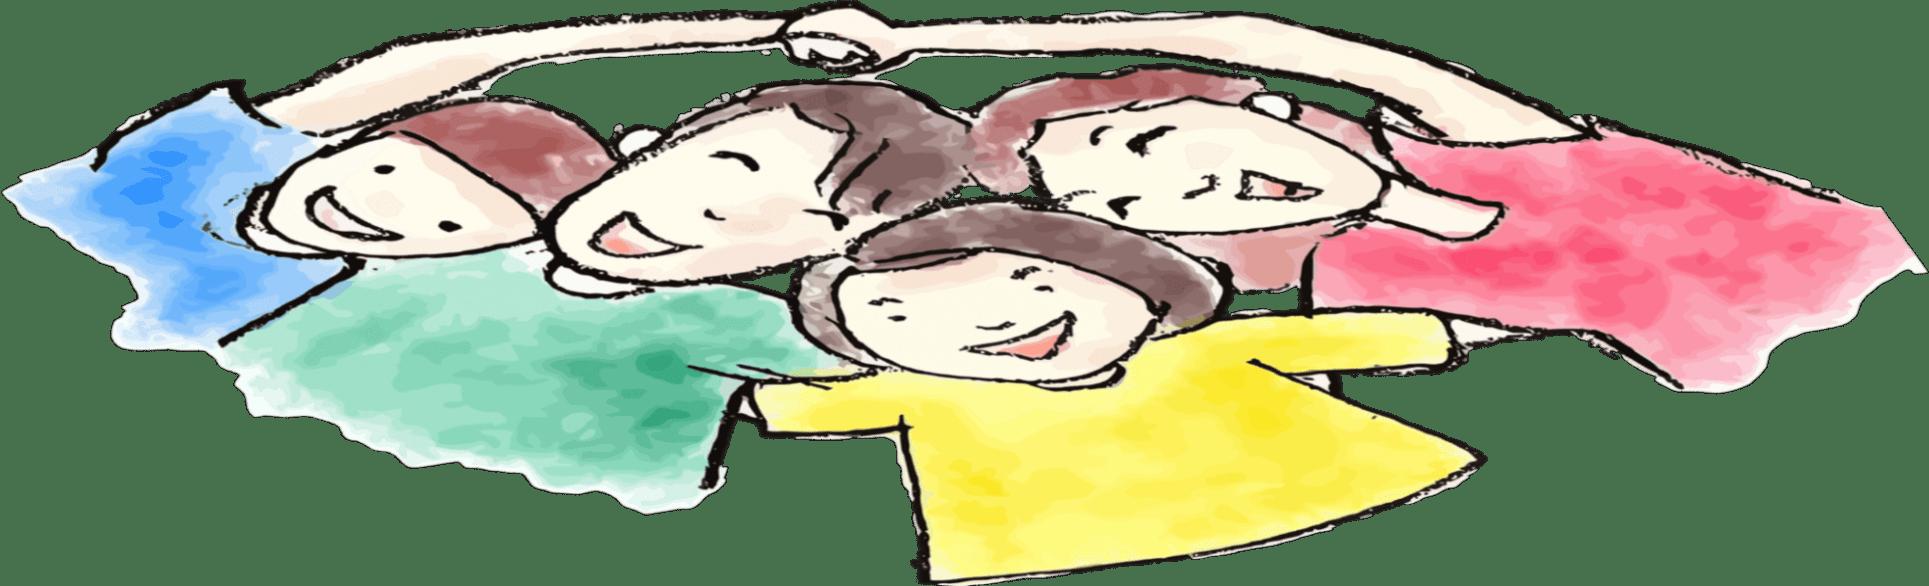 Seminario para padres, amigos y parejas – ¿Como entender y ayudar a tu hijo, amigo o pareja si se autolesiona?